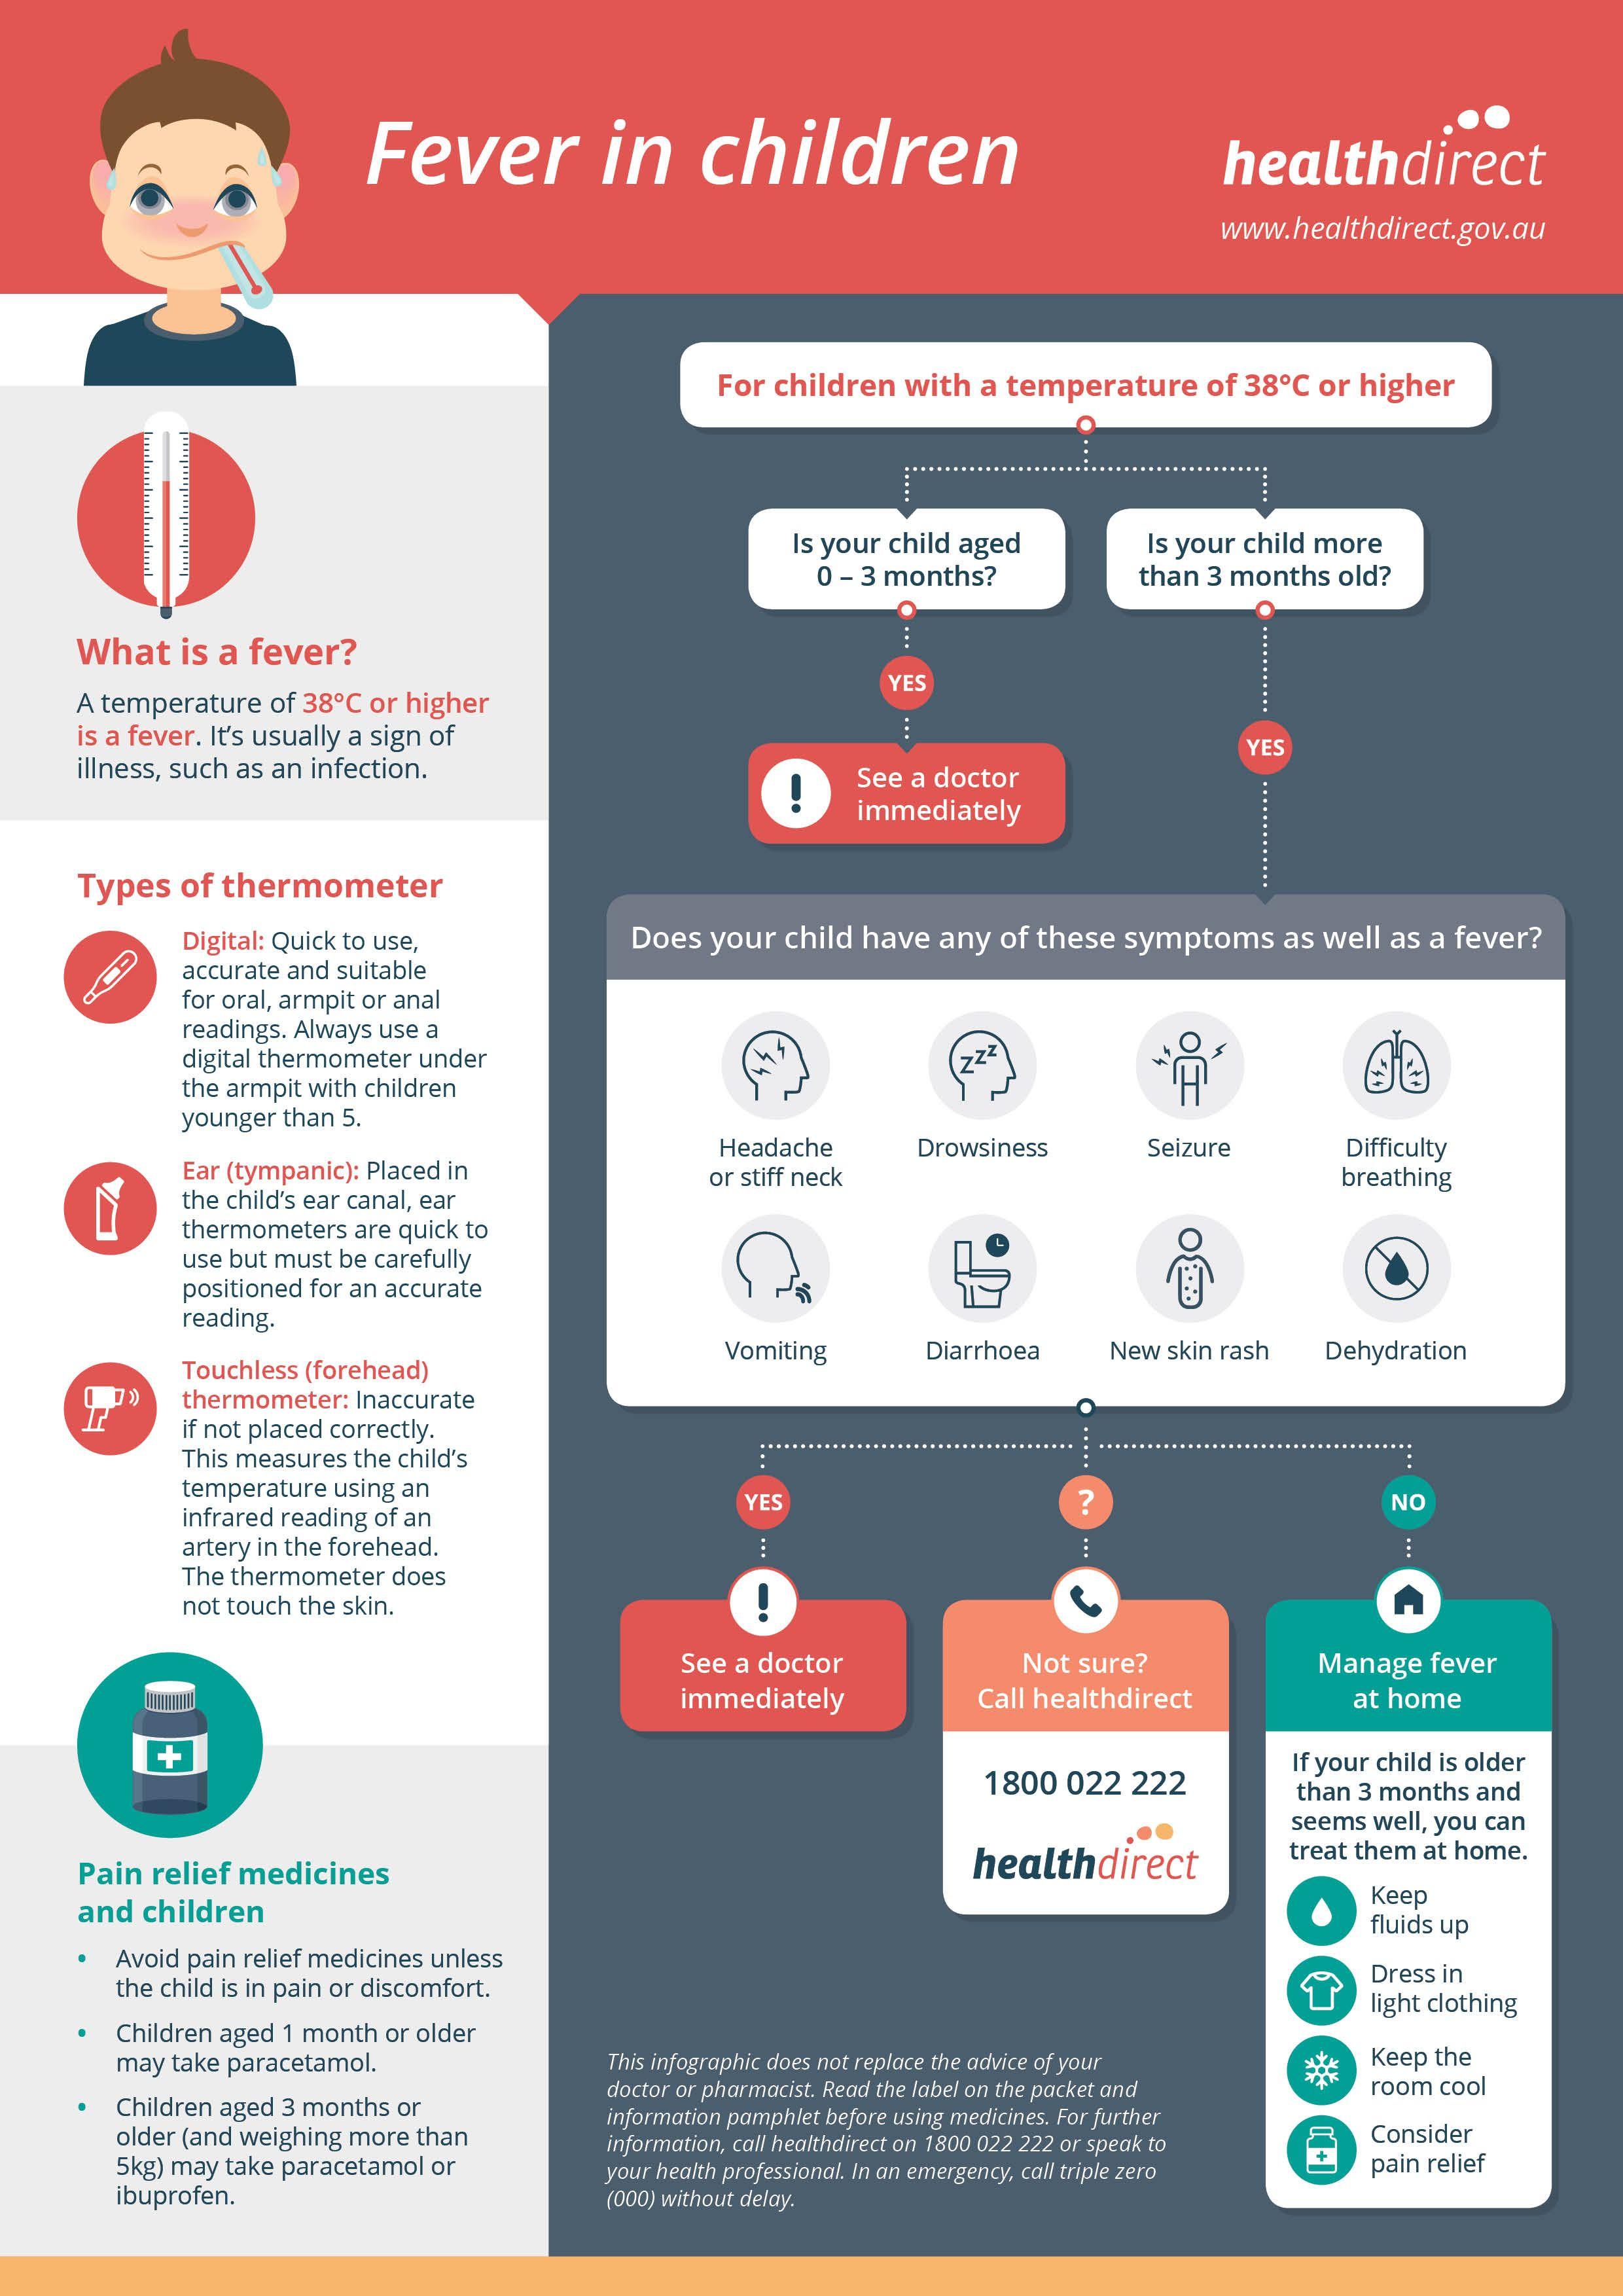 Fever in children infographic estudos